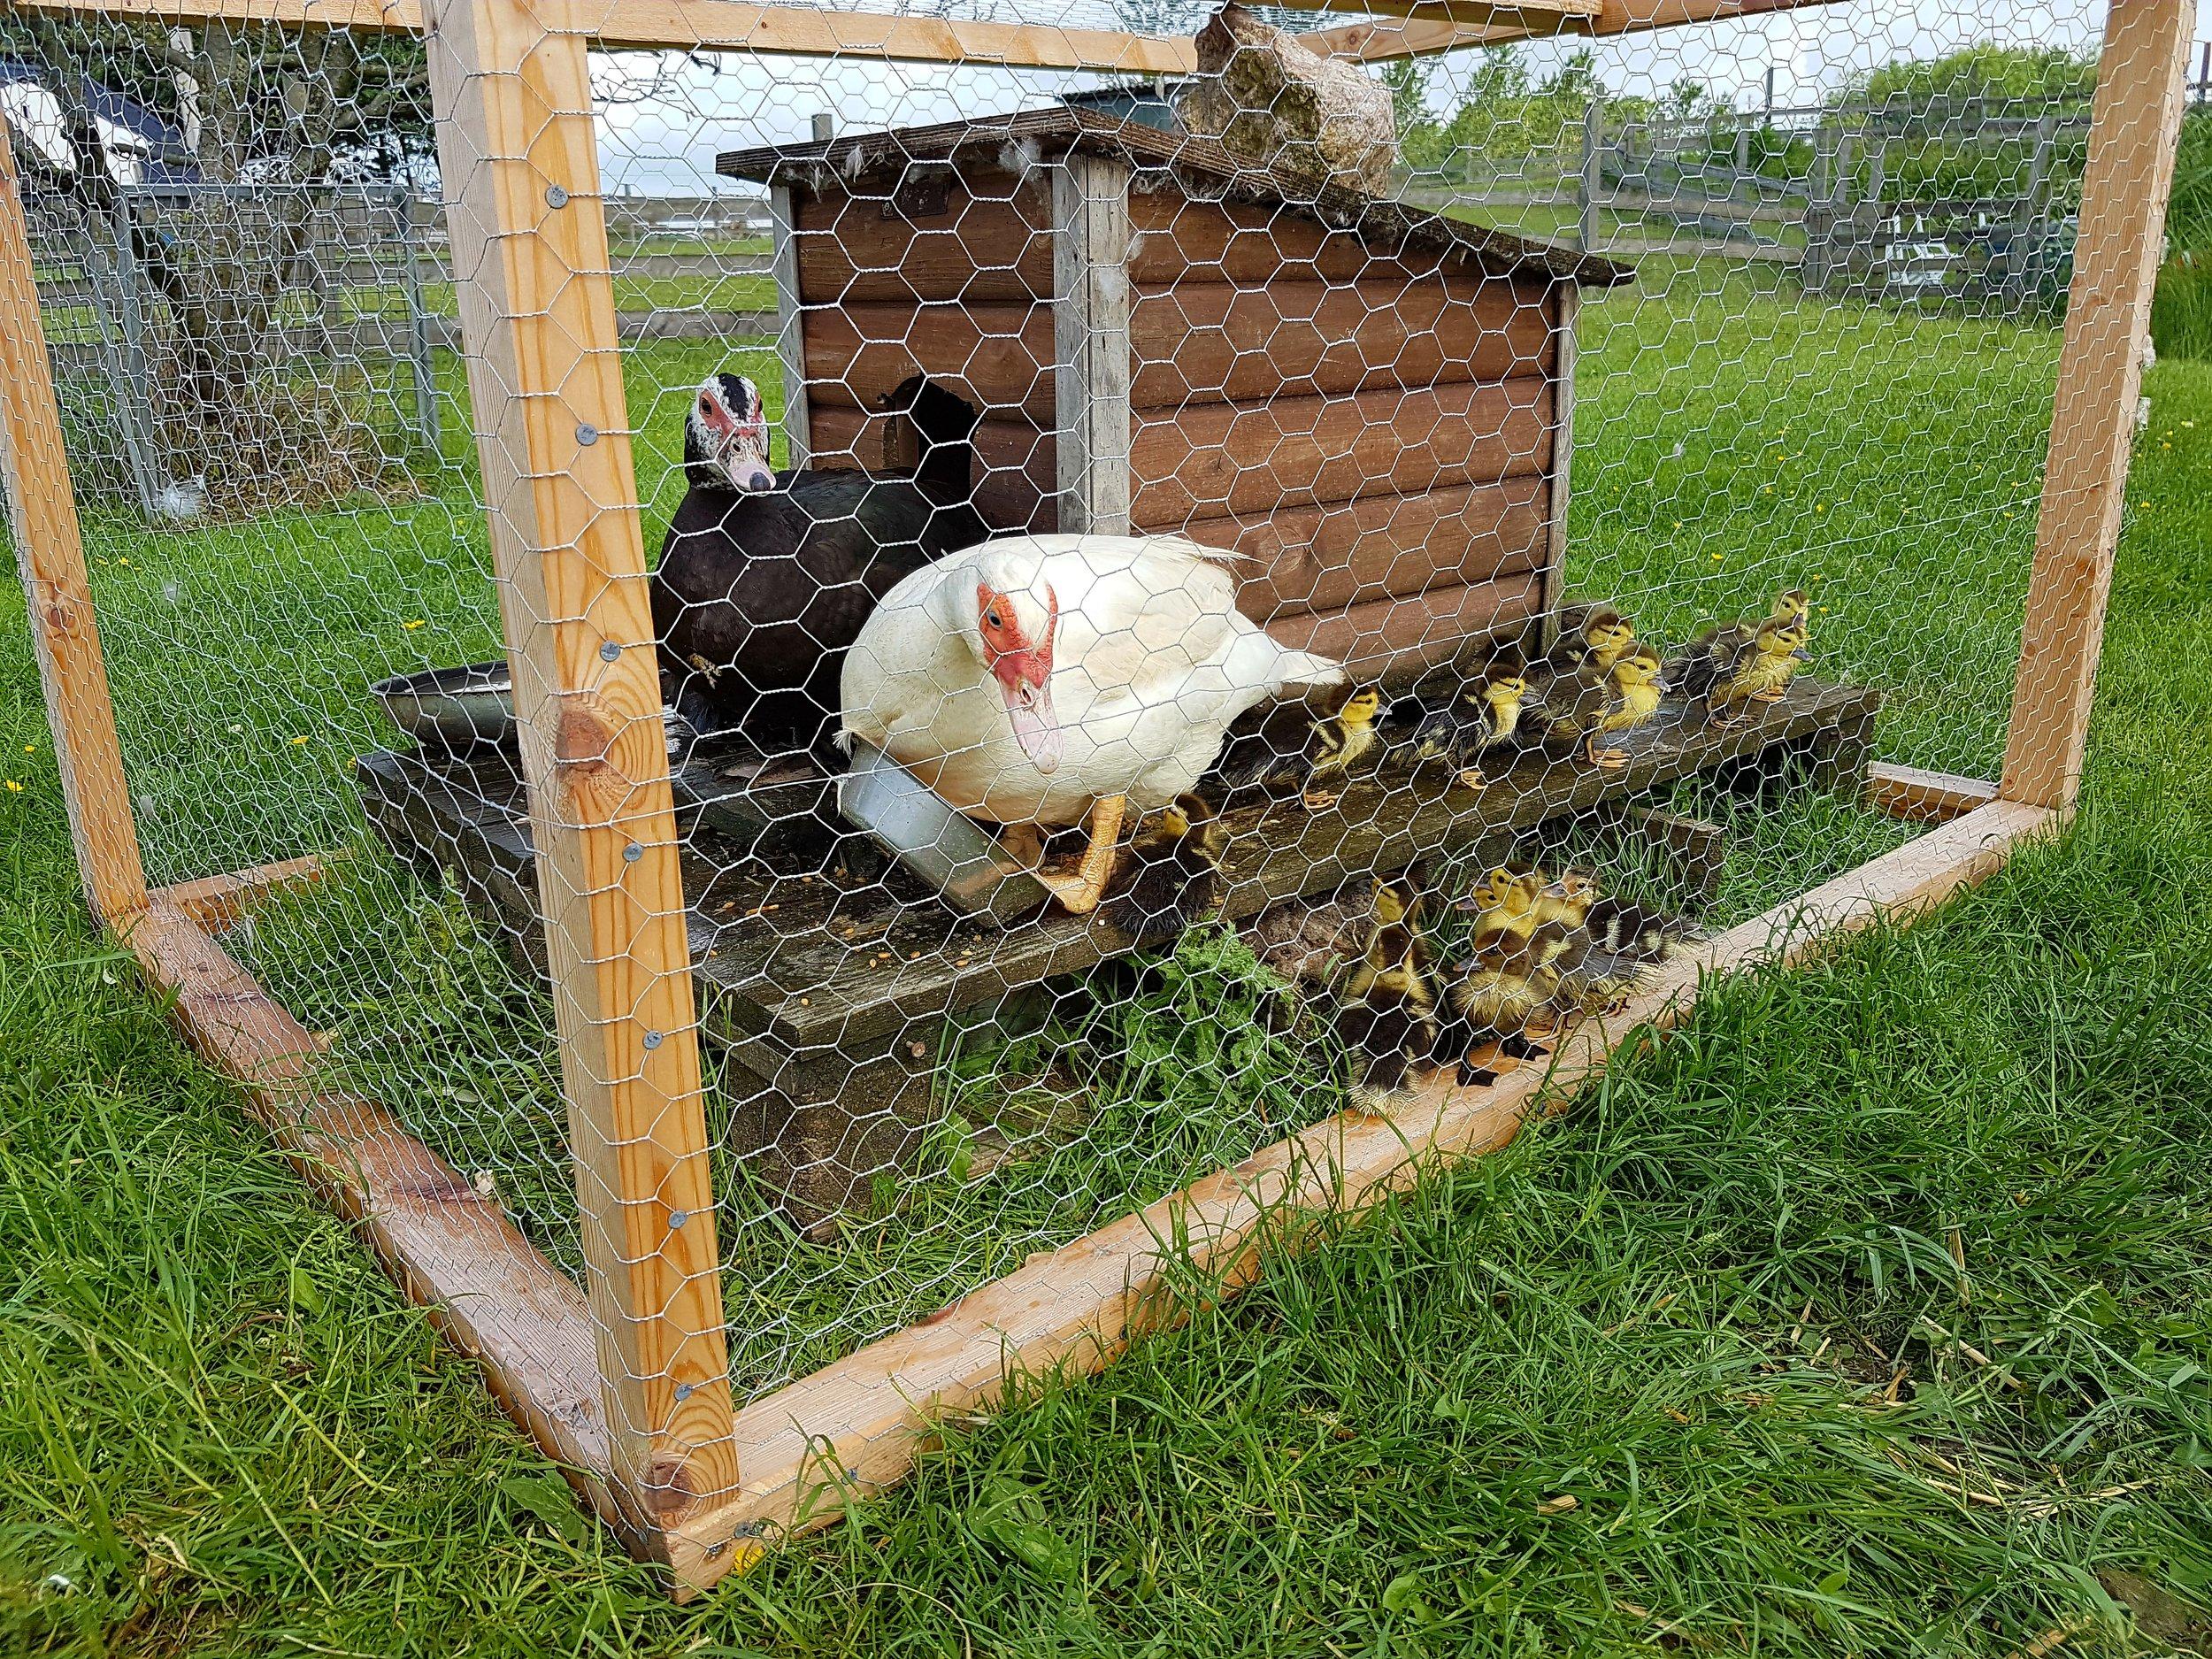 Moskusand med nyklækkede ællinger med beskyttelse mod rovfugle